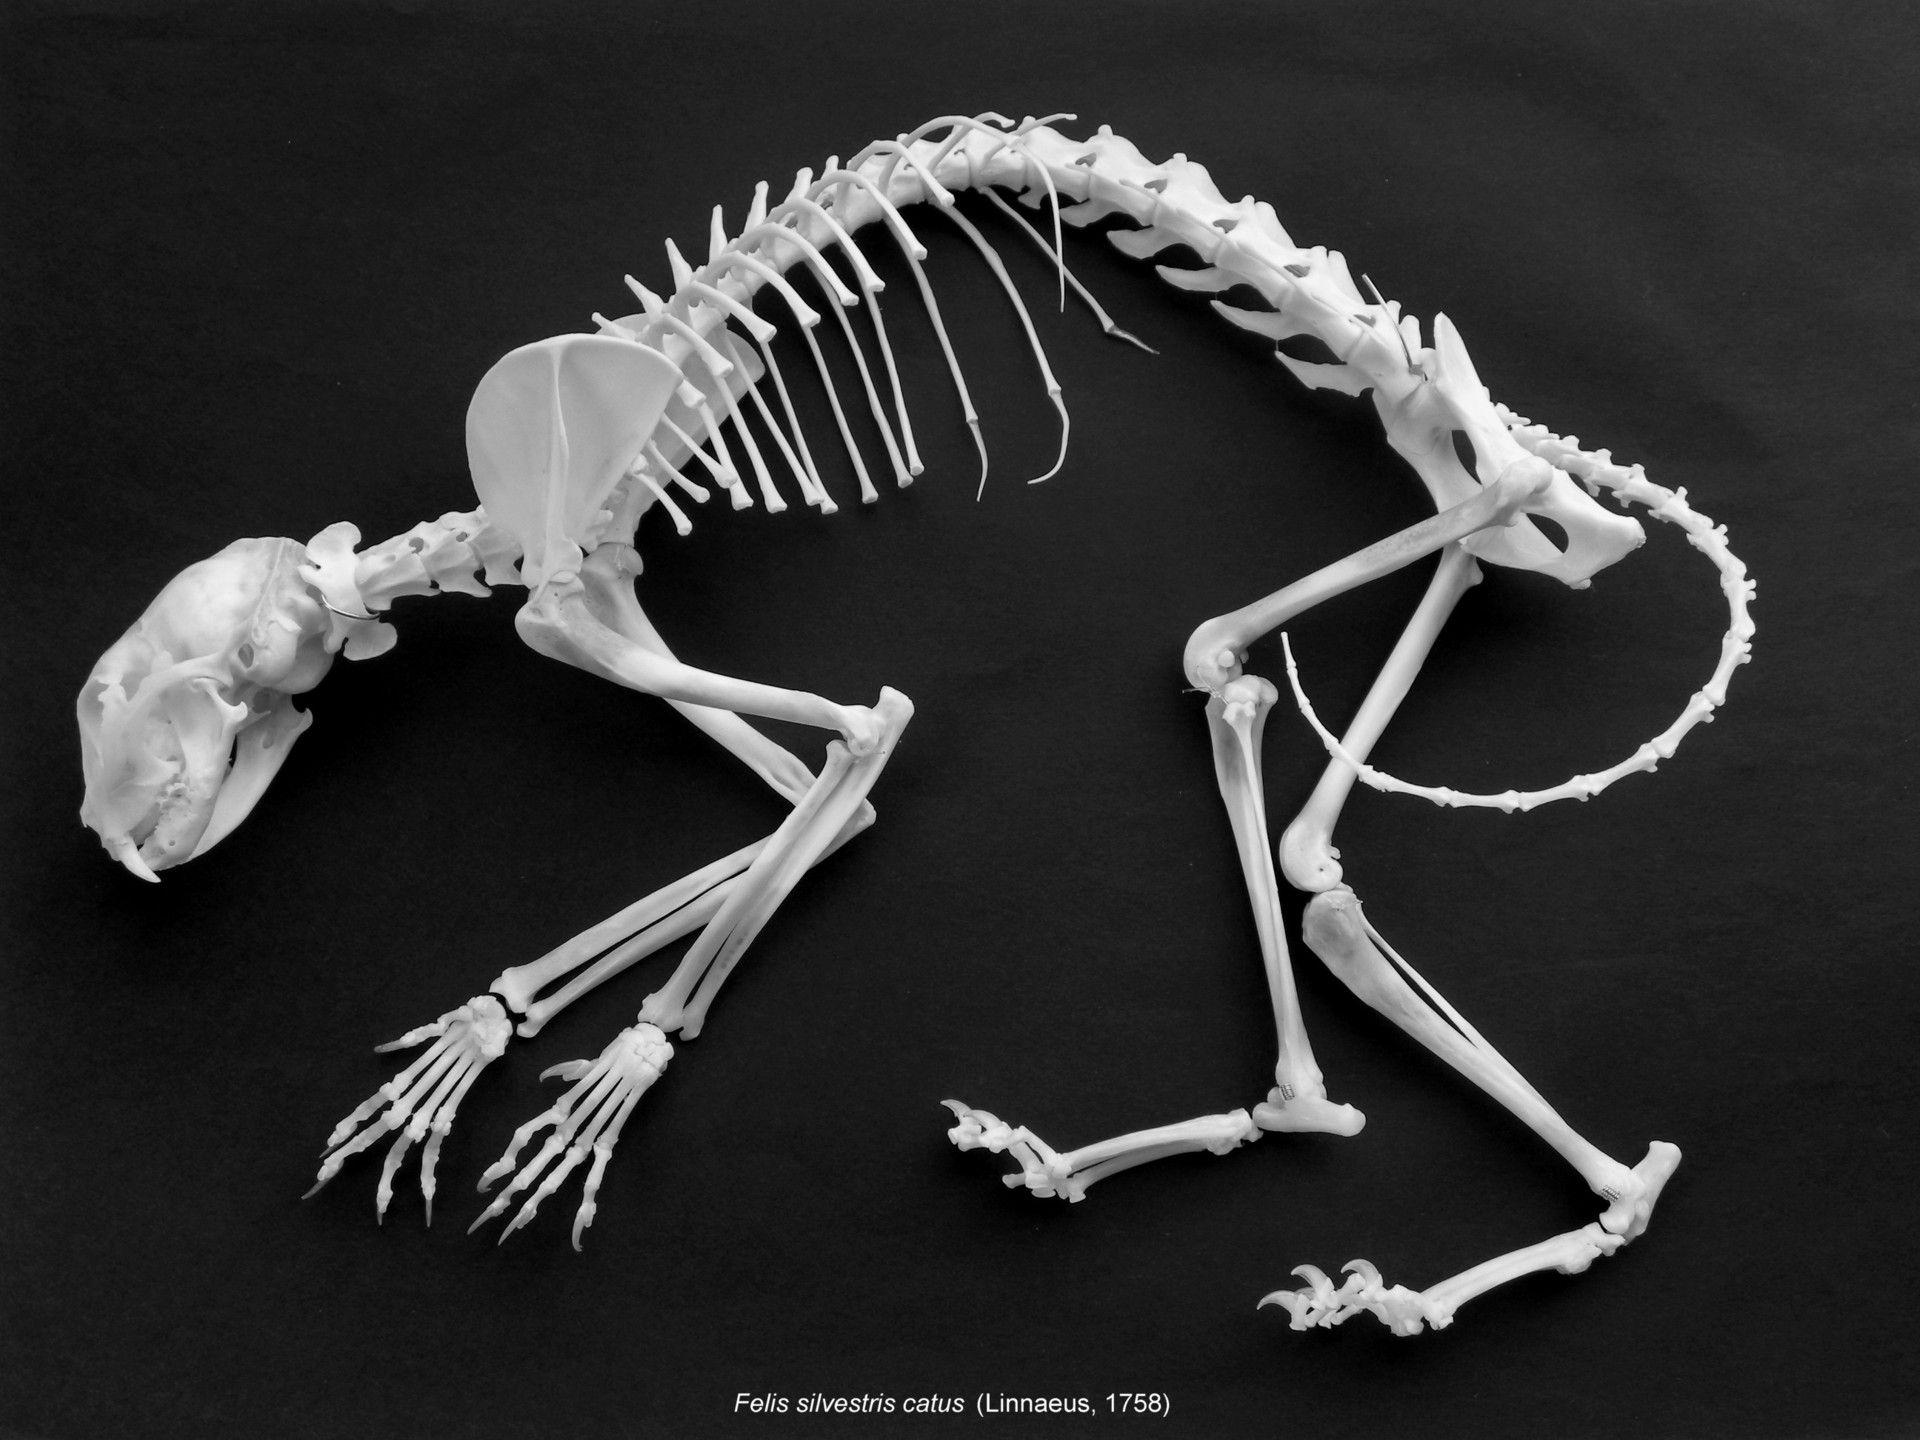 獣医のための標本 骨格標本室から 骨格標本 猫 骨格 動物解剖学